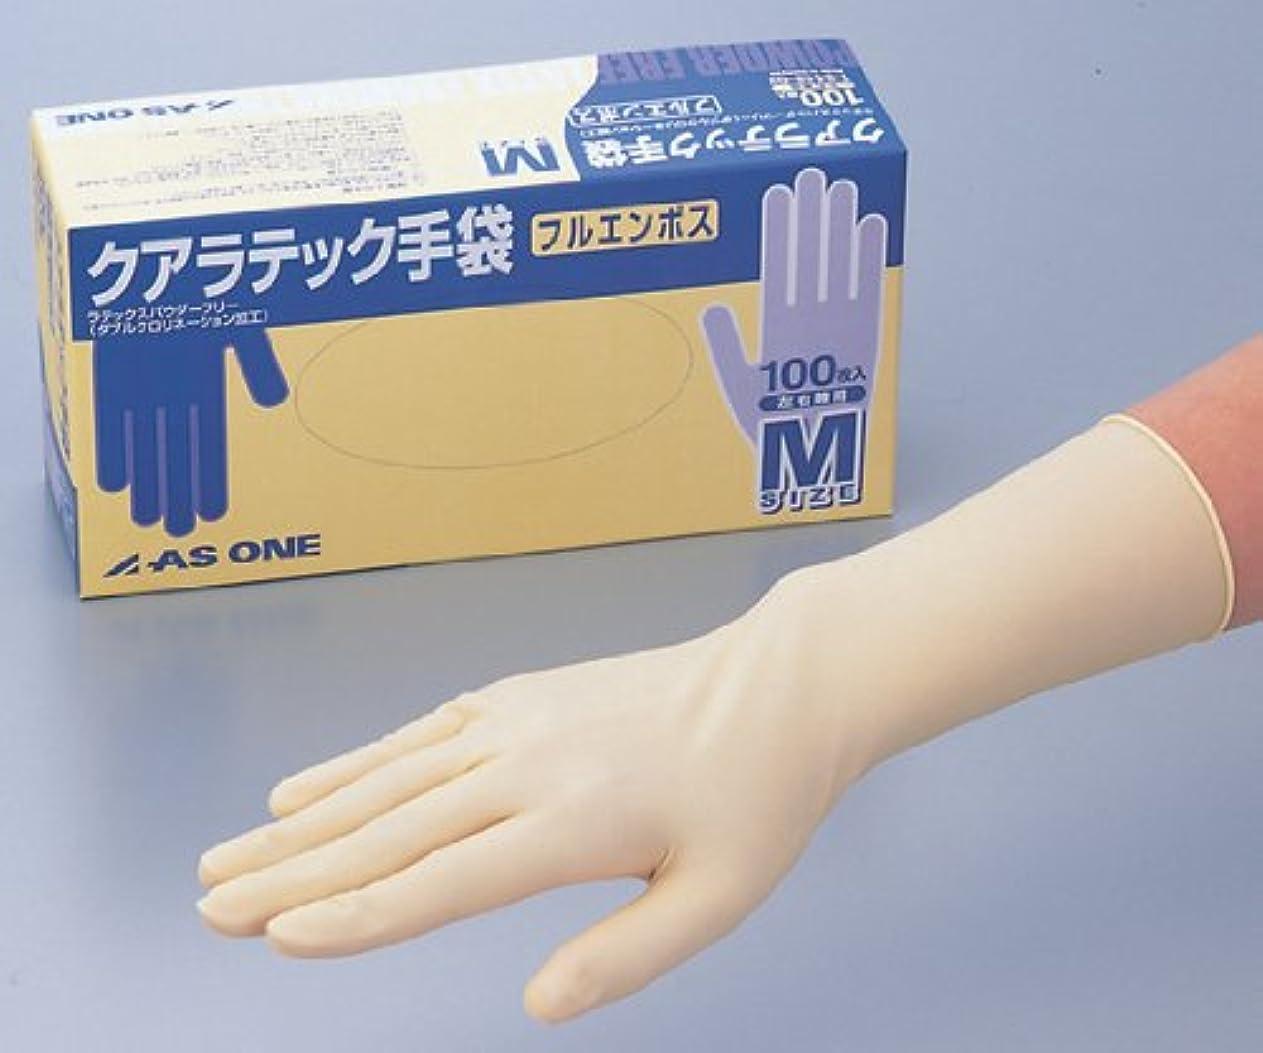 アズワン1-8448-02クアラテック手袋フルエンボス(パウダーフリー)M100枚入